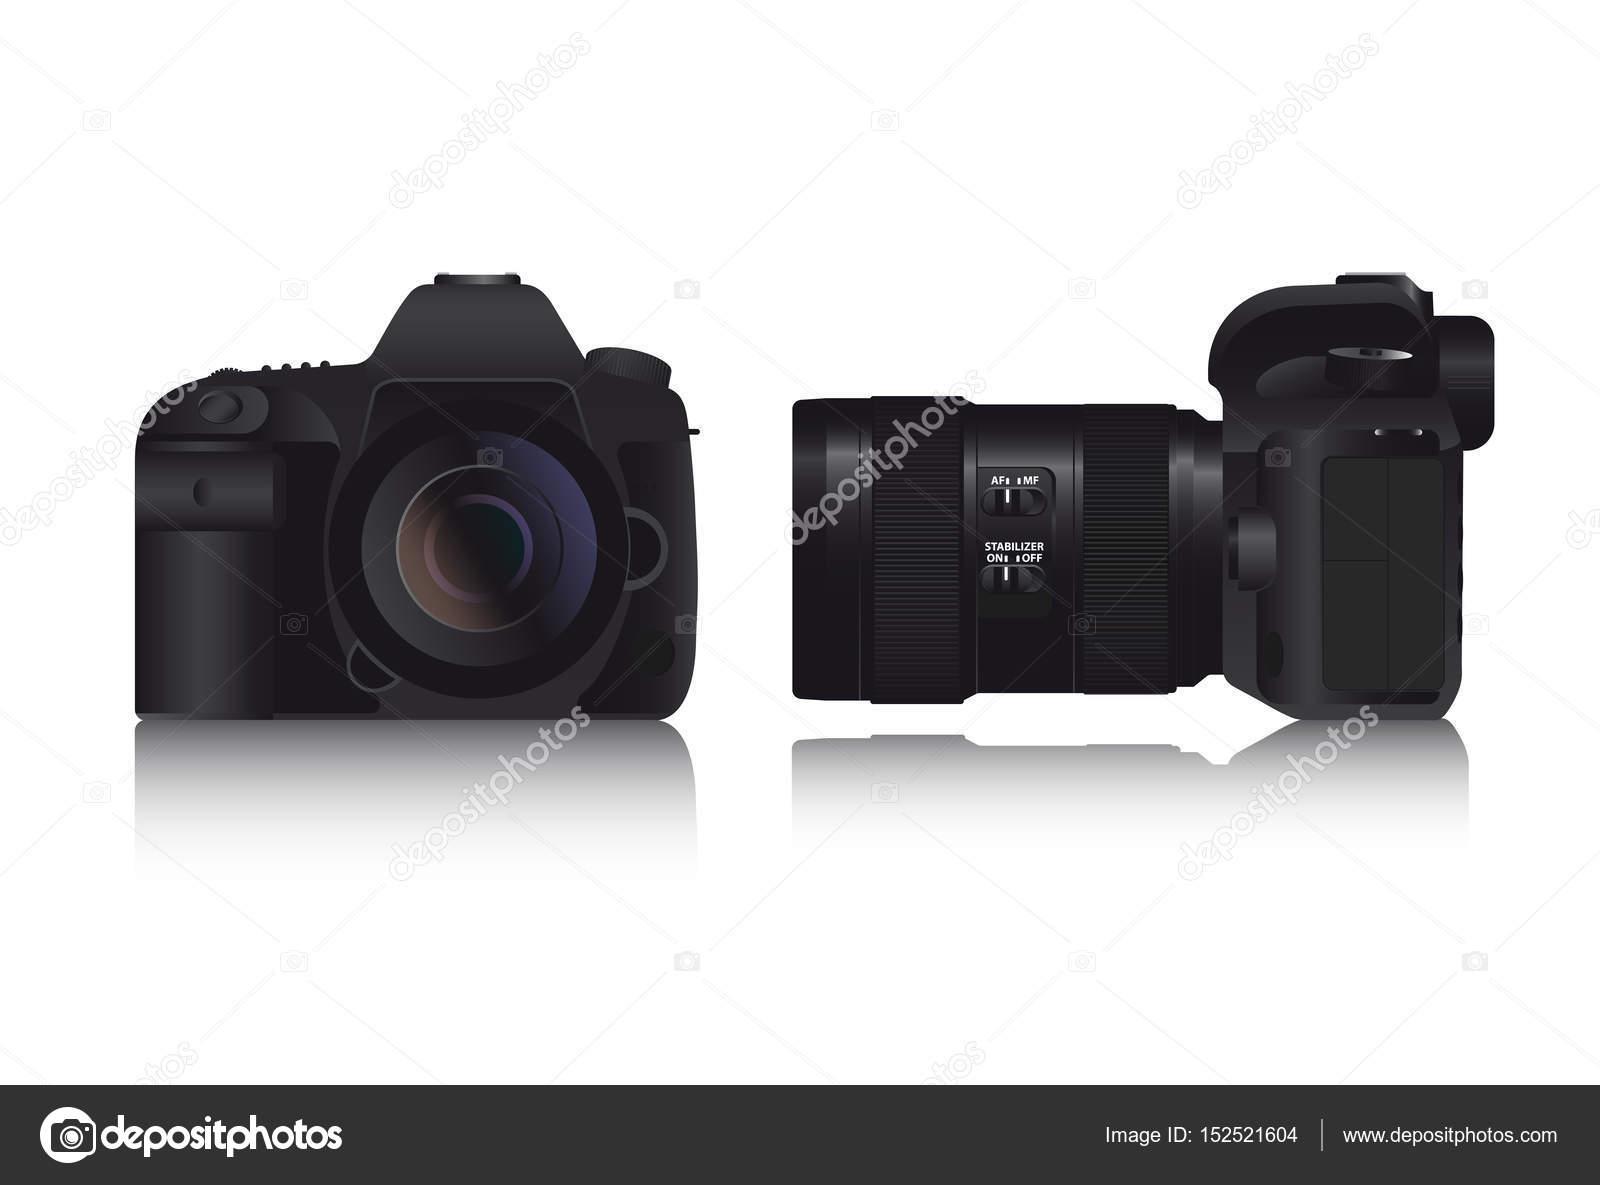 Professionelle Foto-Kamera Dslr — Stockvektor © Scharfsinn #152521604